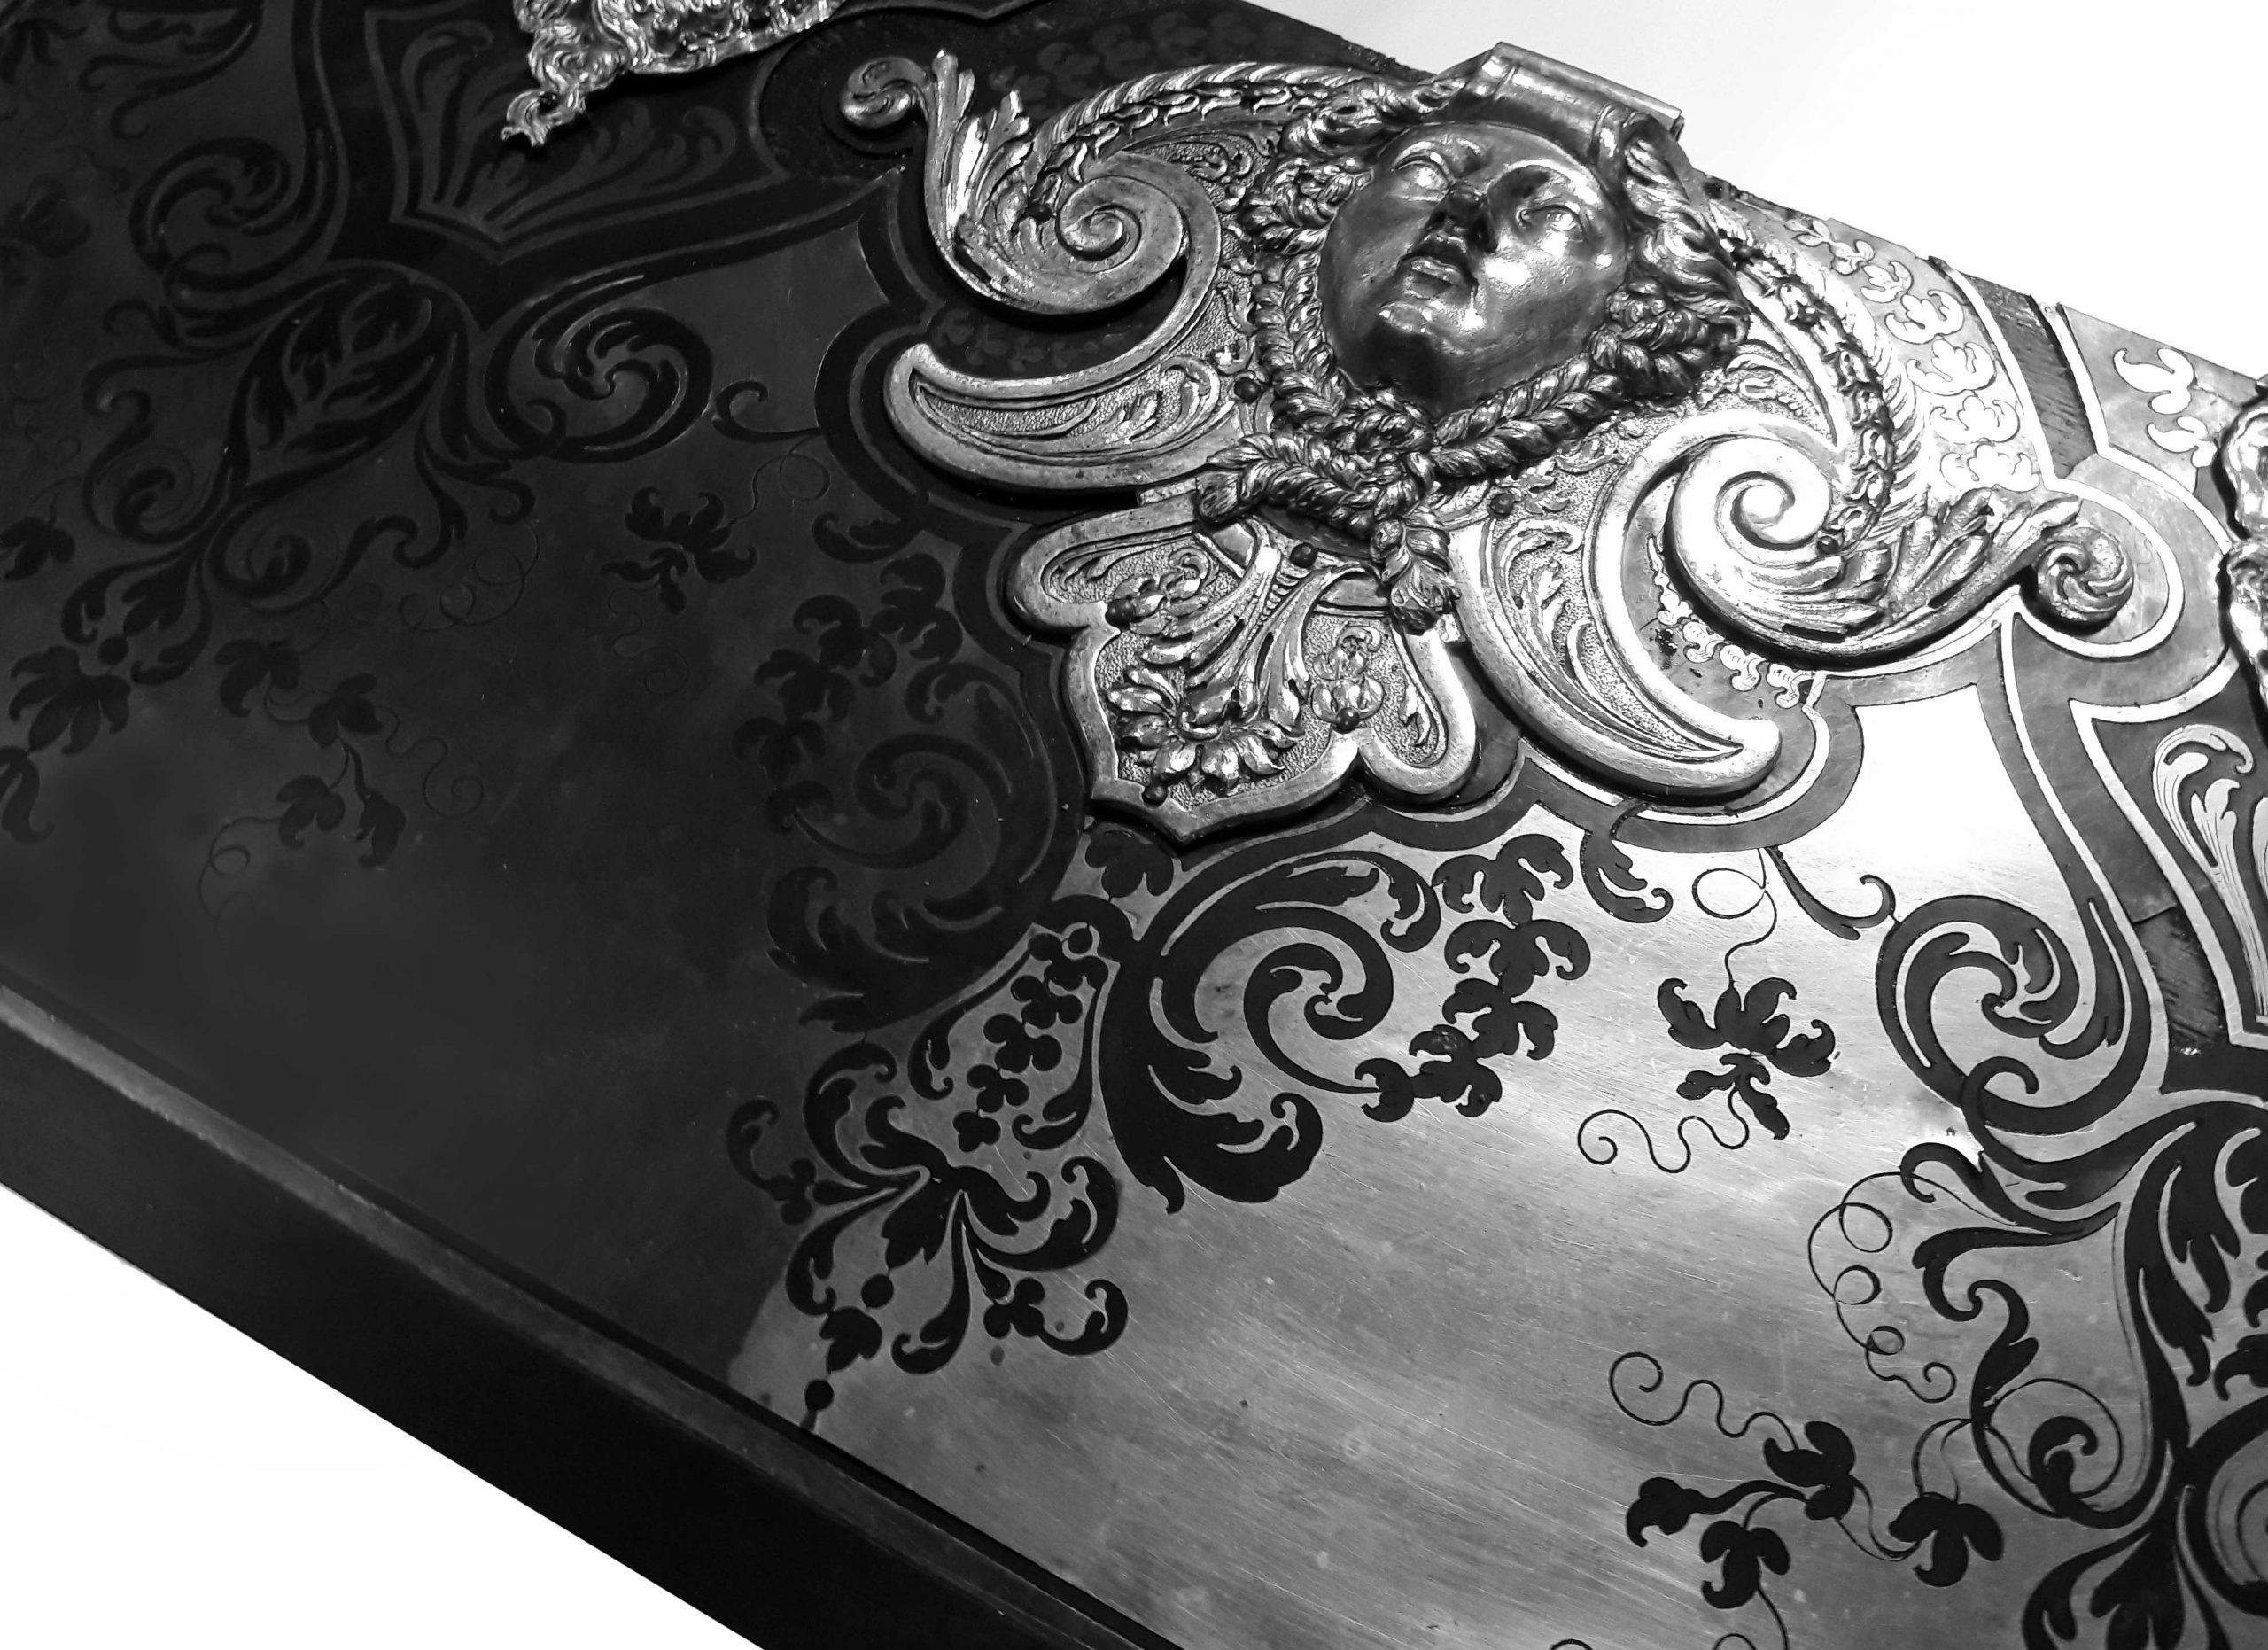 Conservation-restauration de mobilier et objets d'art